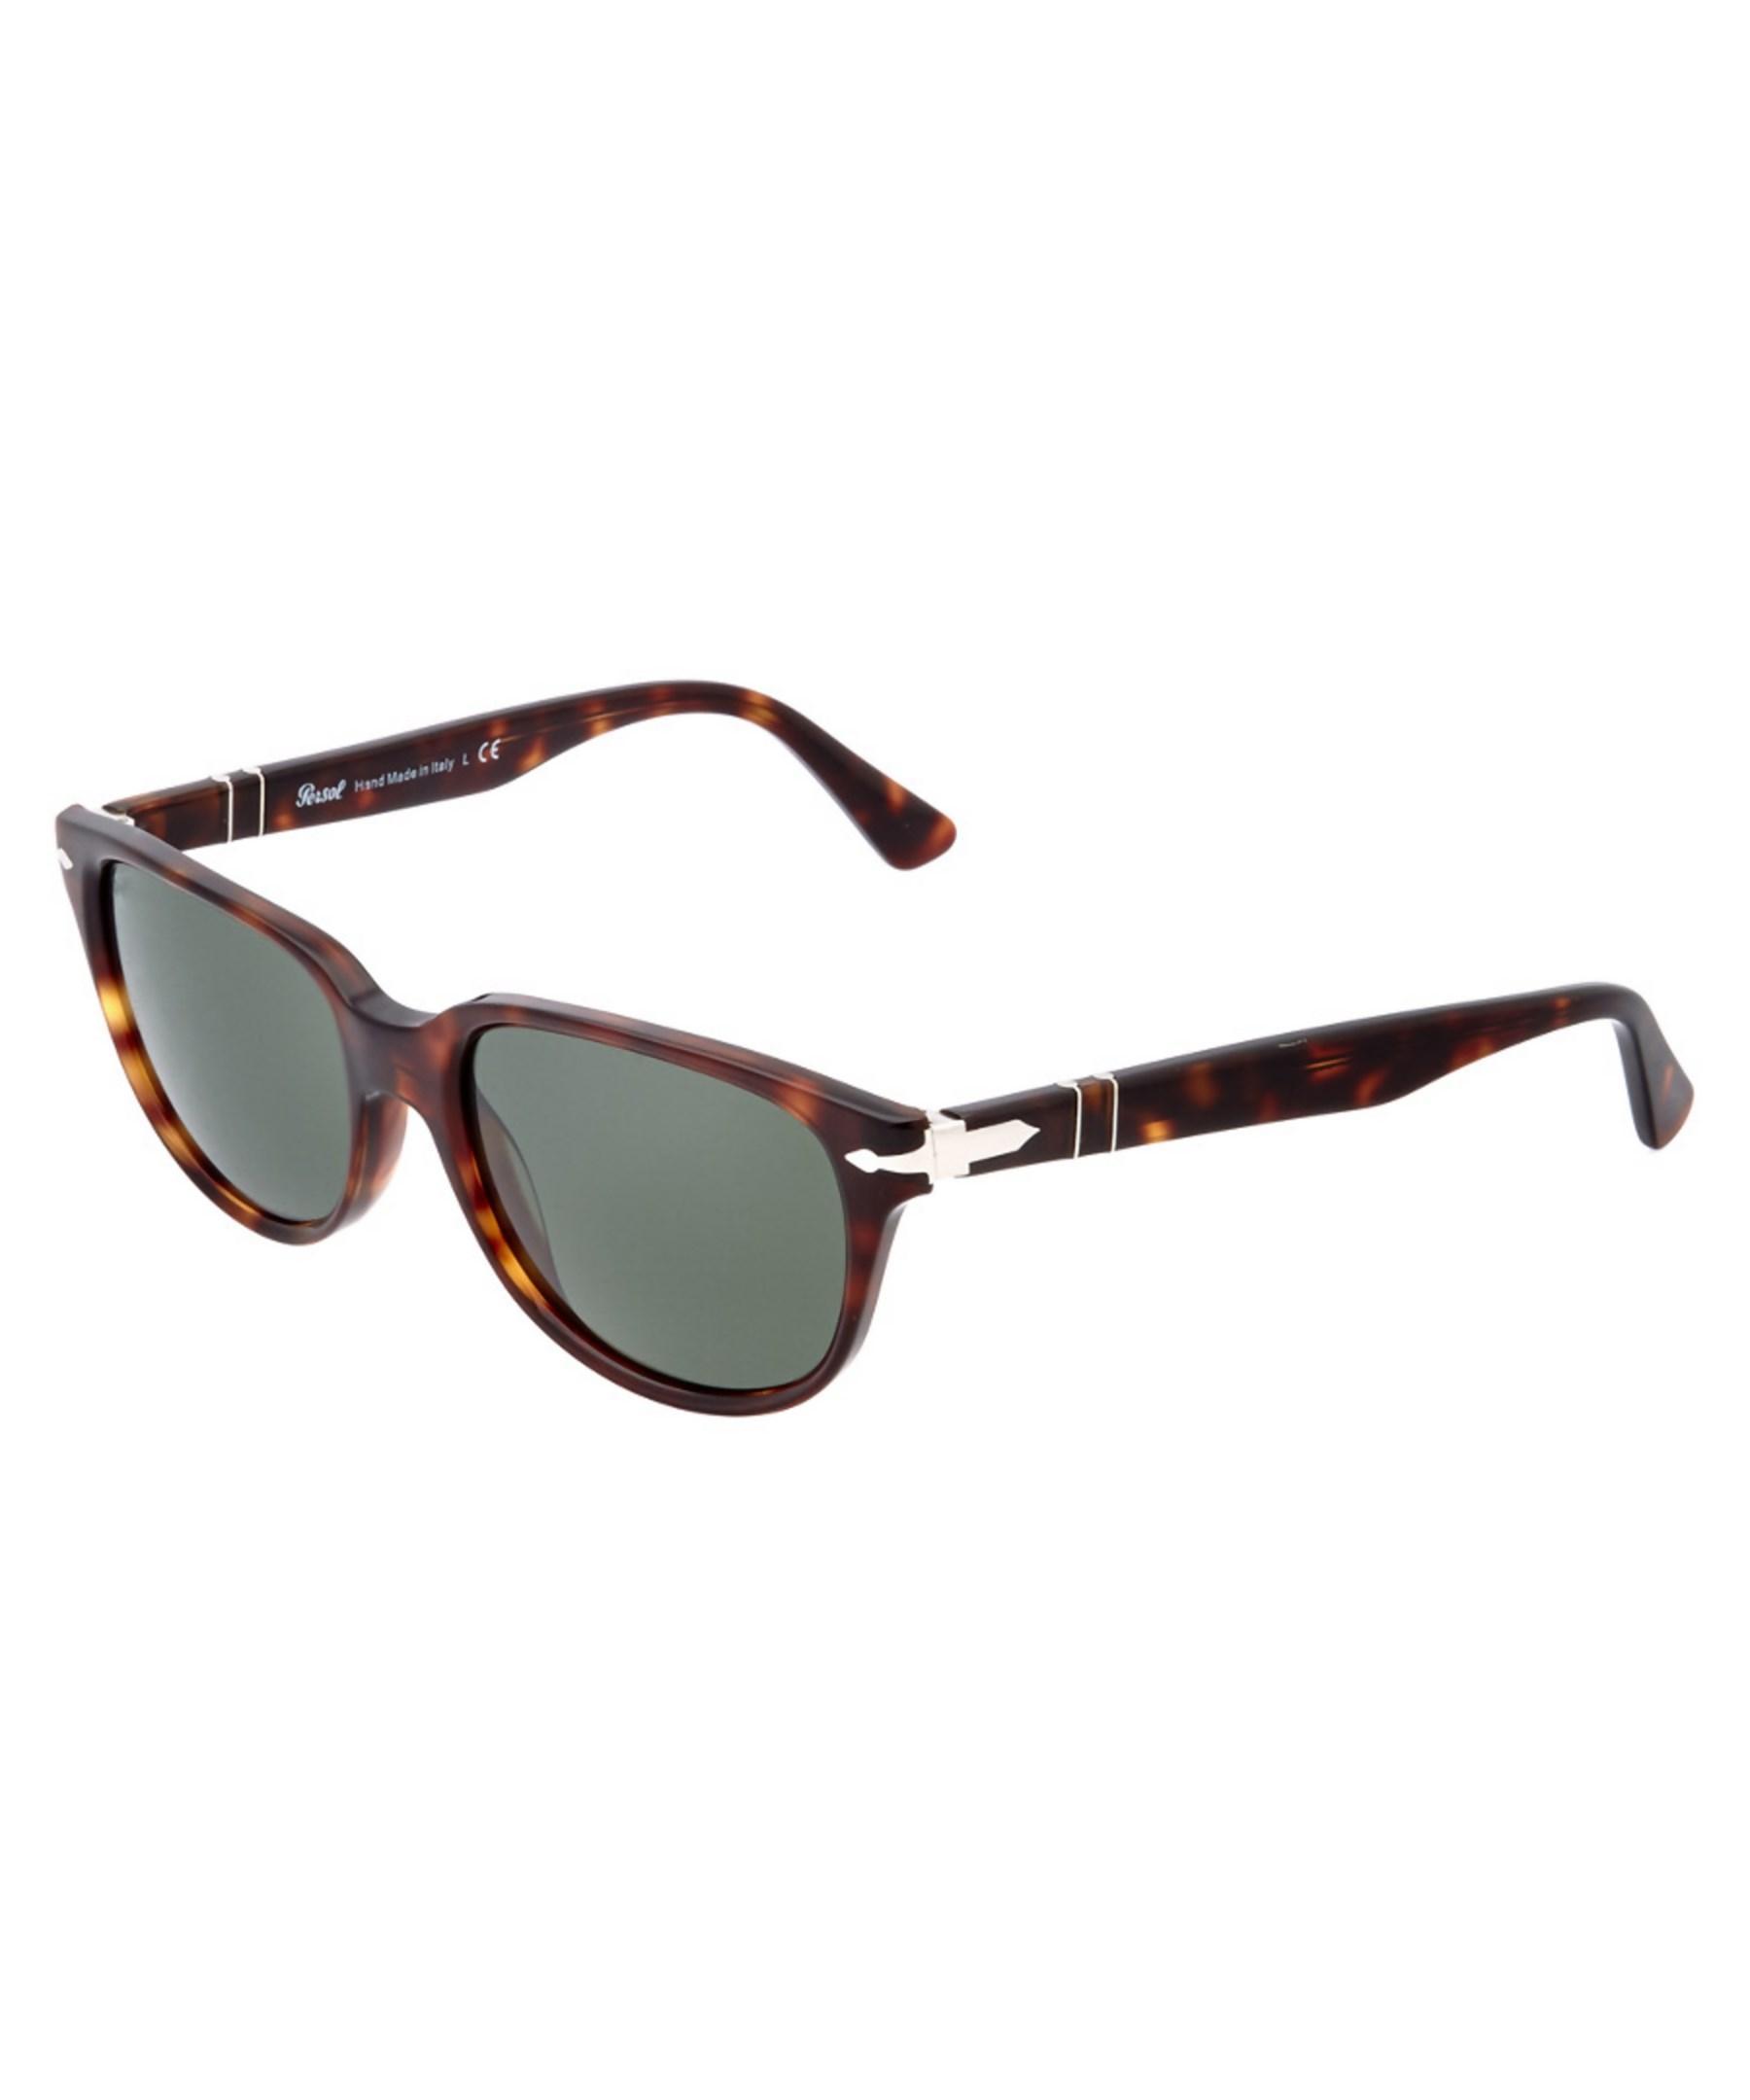 2690e405c7 Lyst - Persol Unisex Po3104 Sunglasses